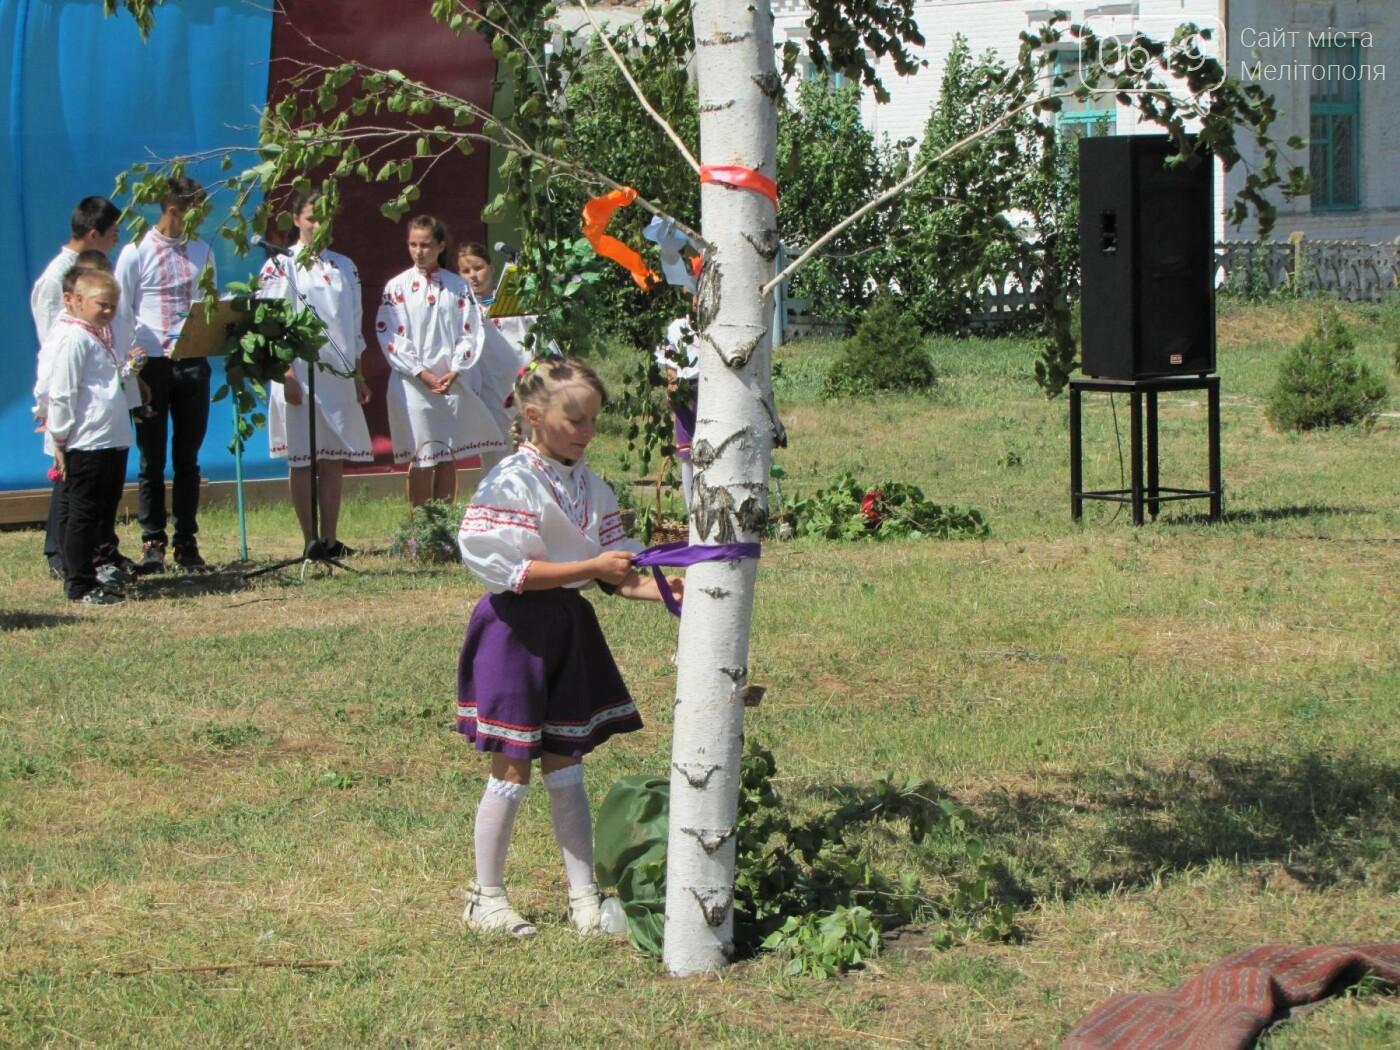 Жители Мелитопольщины отпраздновали Троицу, фото-12